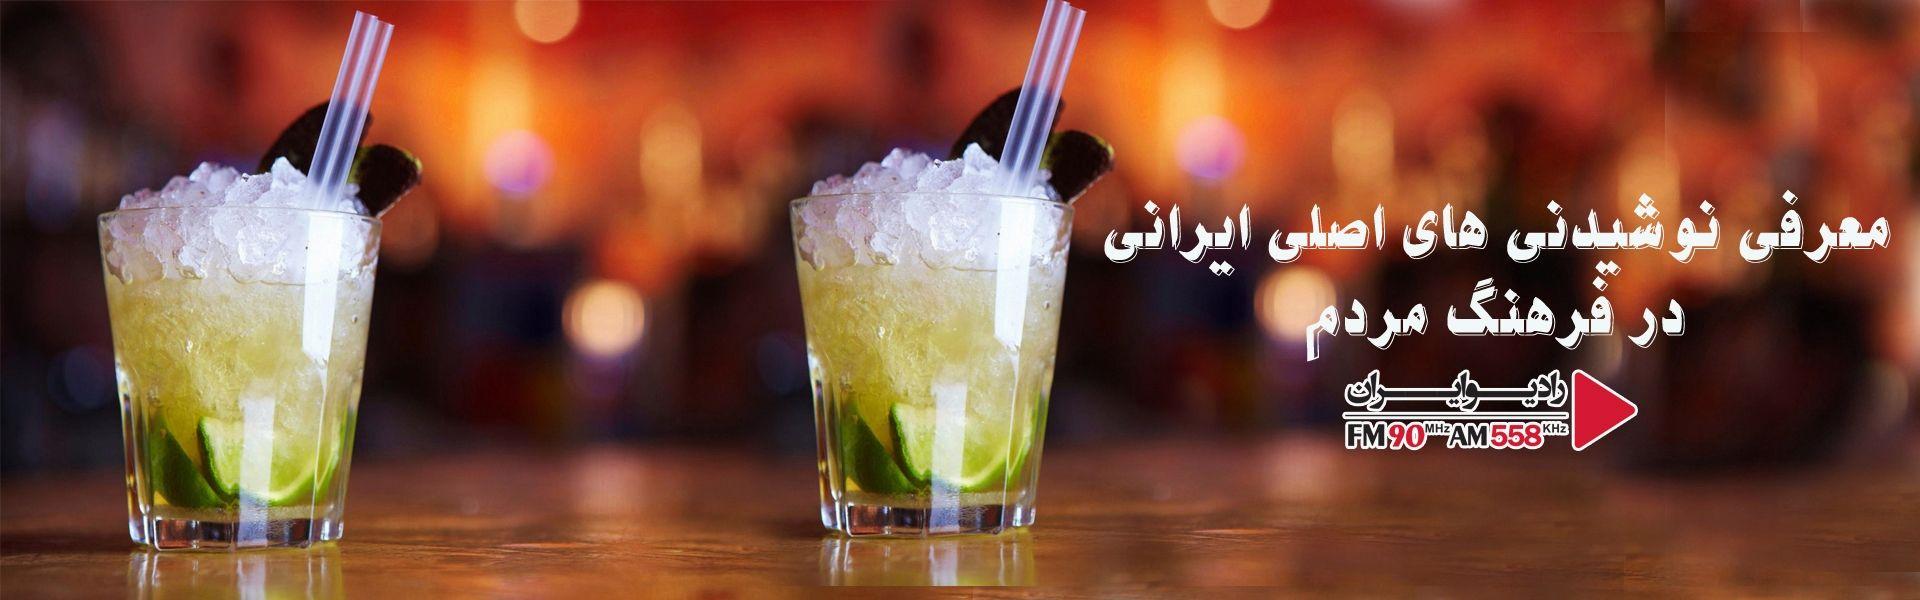 نوشیدنی های اصیل ایرانی